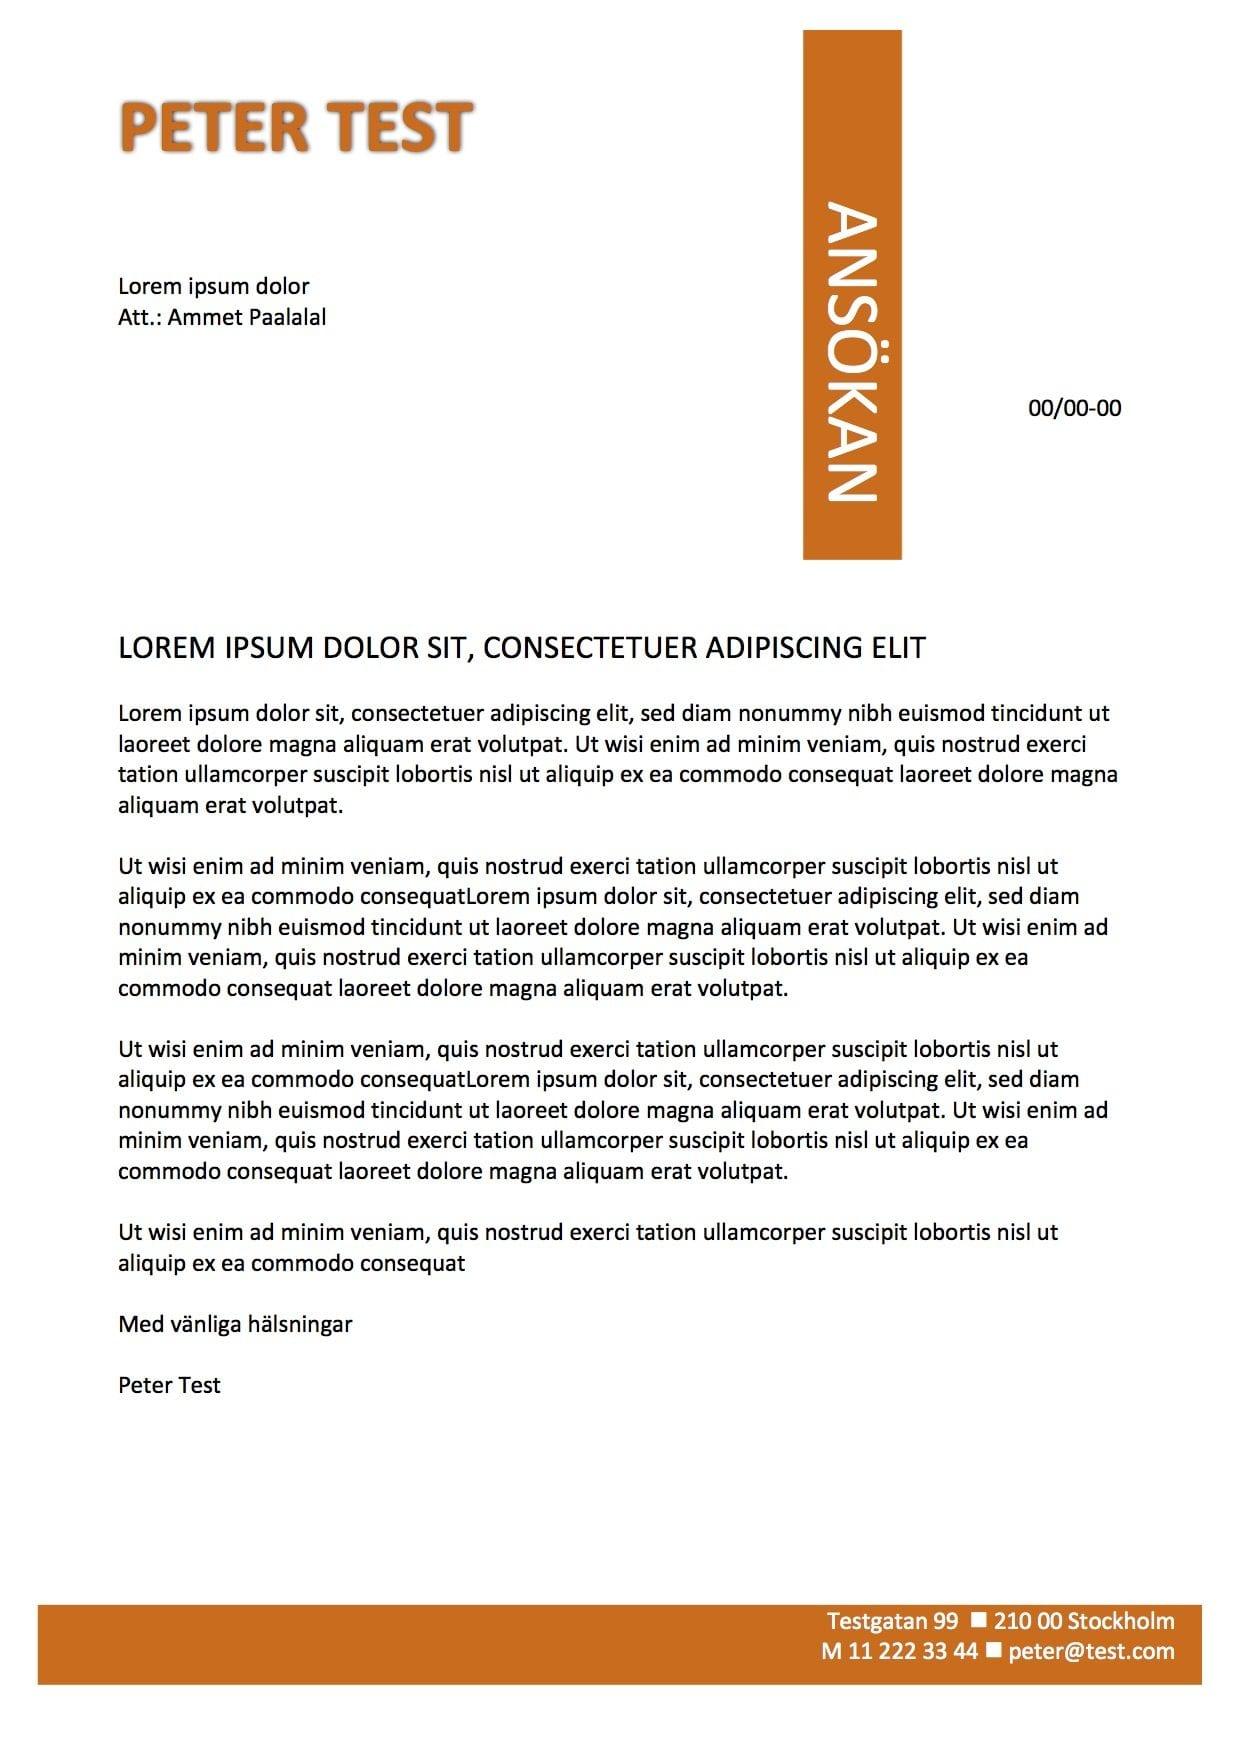 Personligt brev och CV mall Orange - Skriv Ansökan